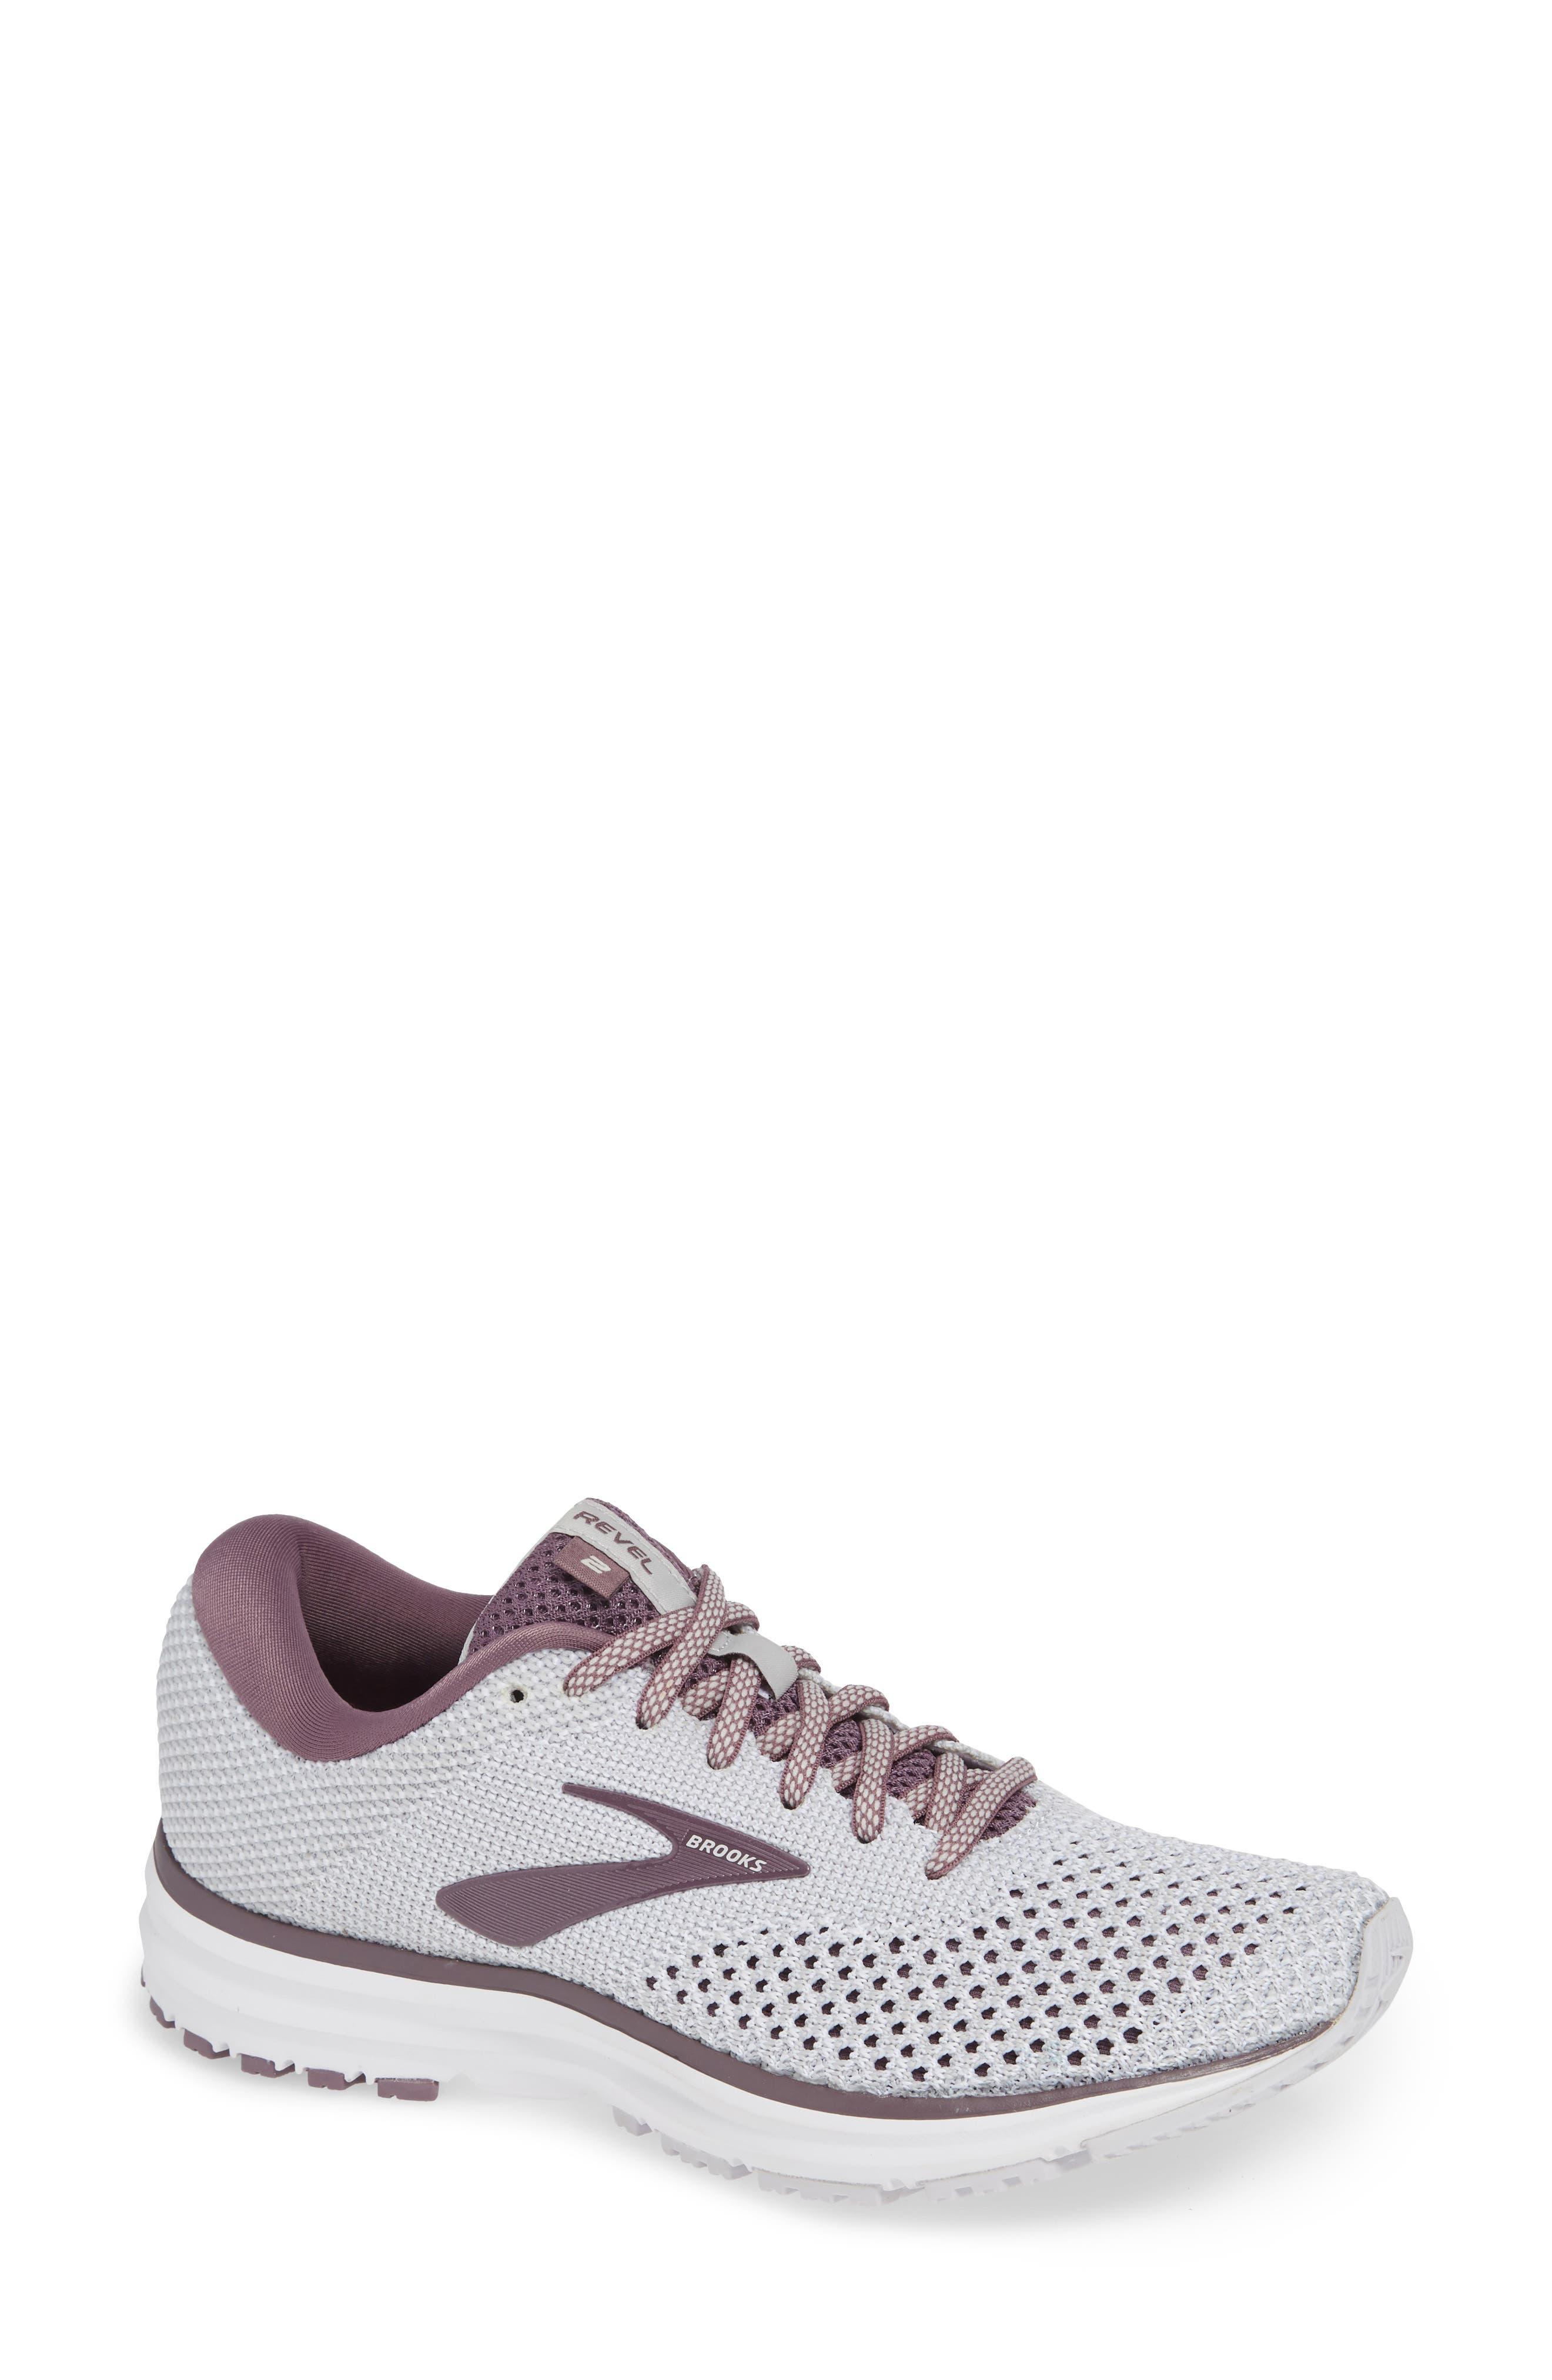 23e0ddb29 Women s Shoes Sale